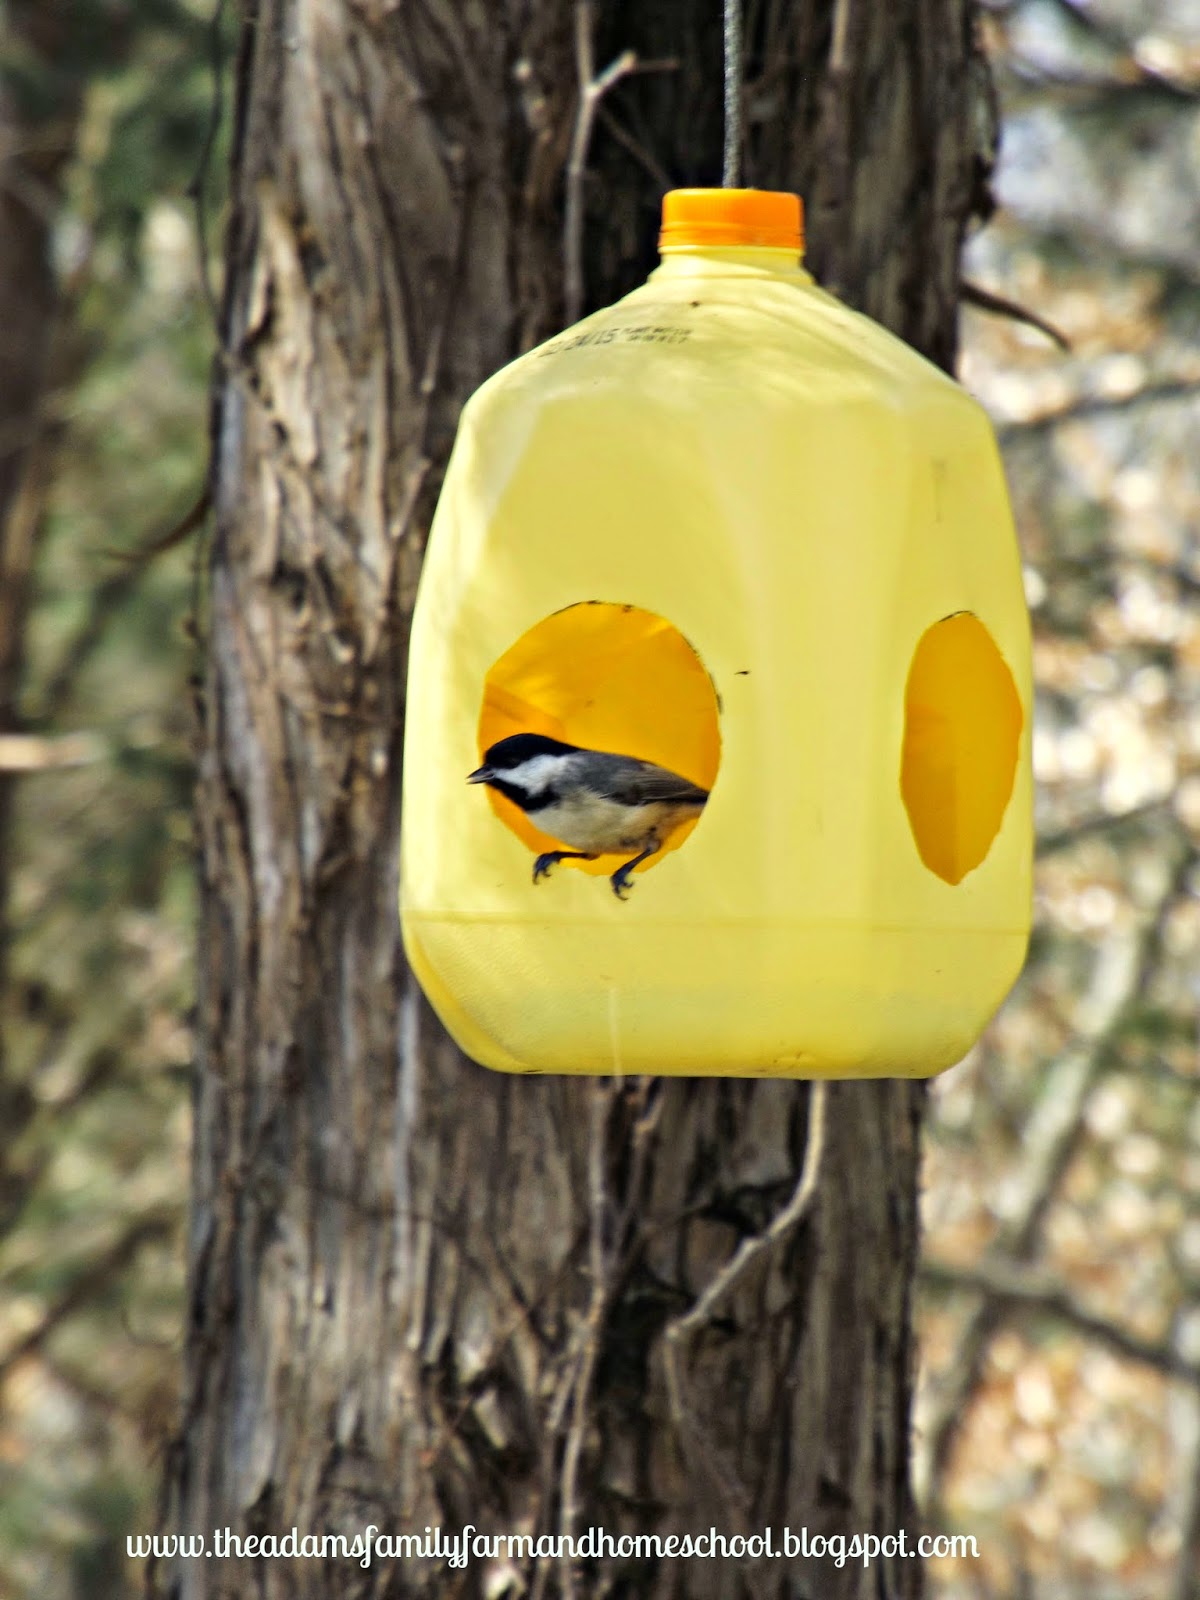 Black-Capped Chickadee at Milk Jug Bird Feeder